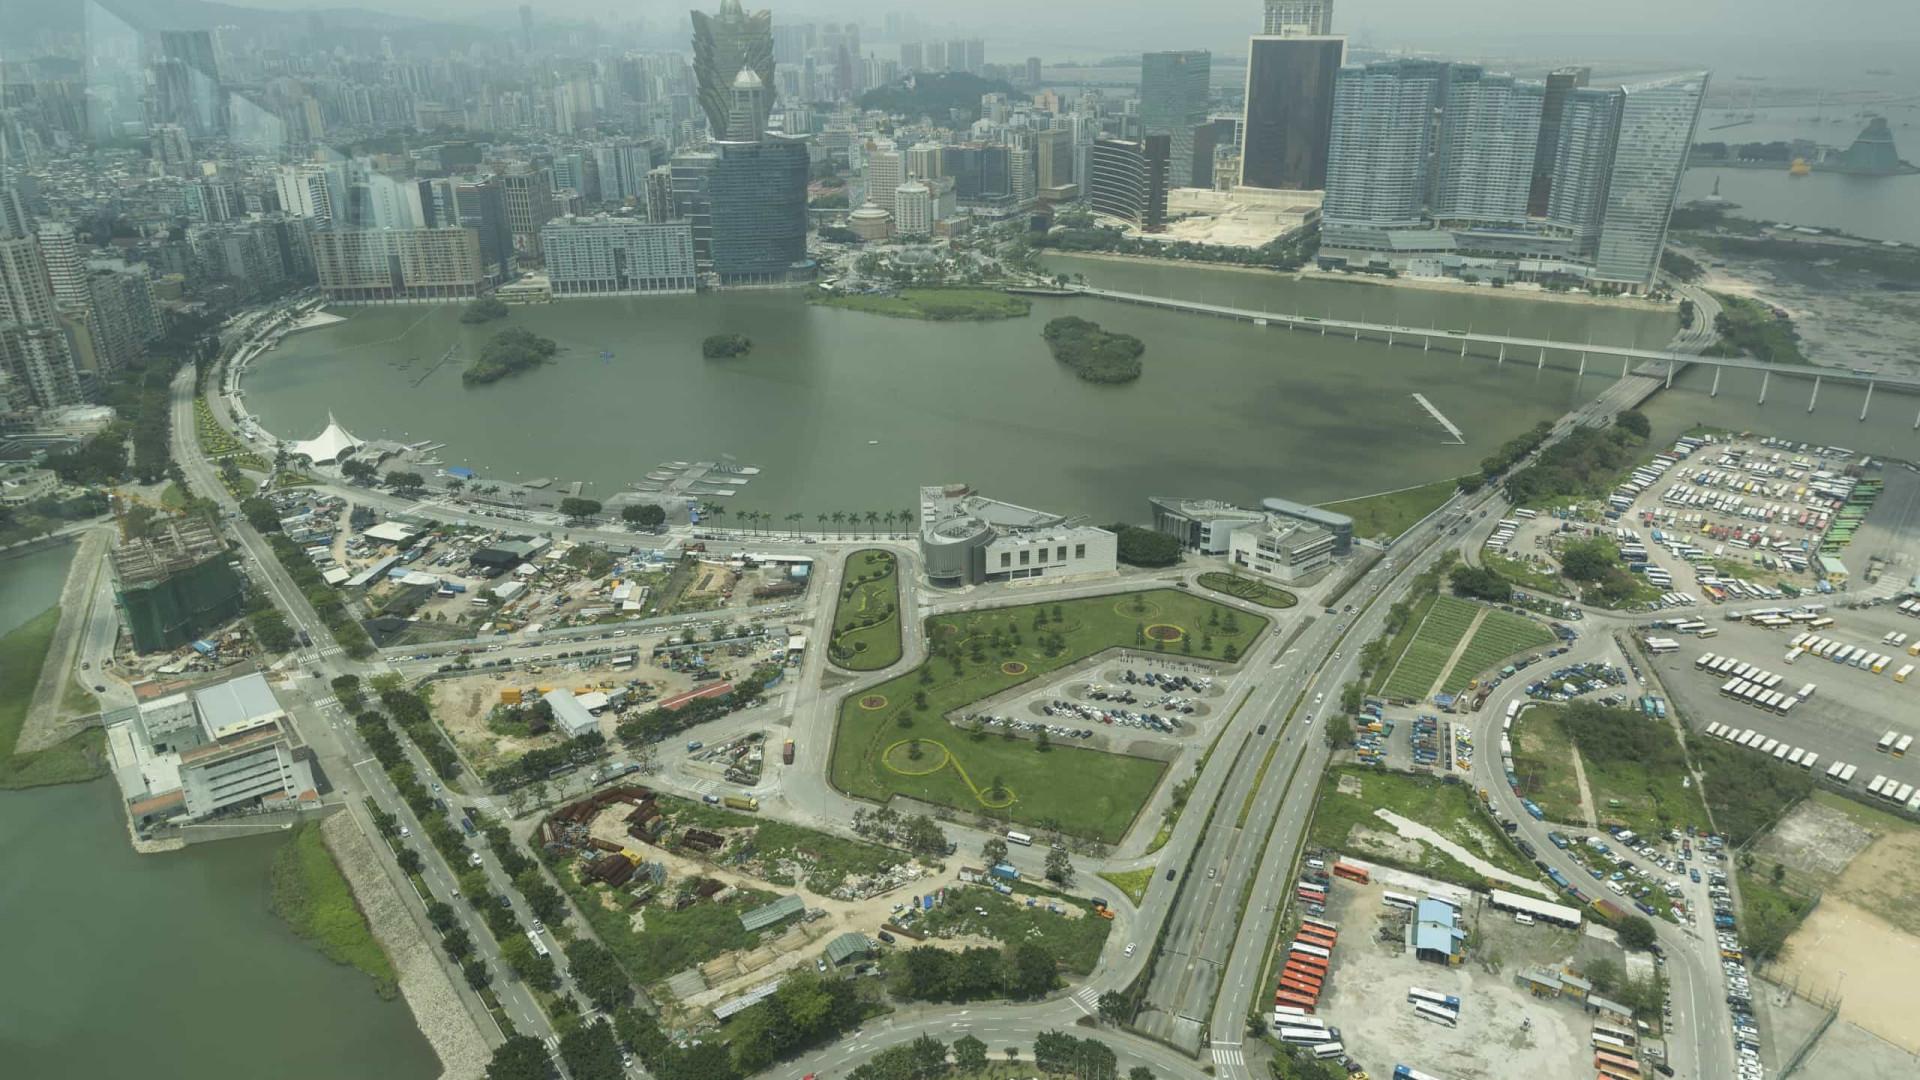 Geração INOV despede-se de Macau com expetativas superadas